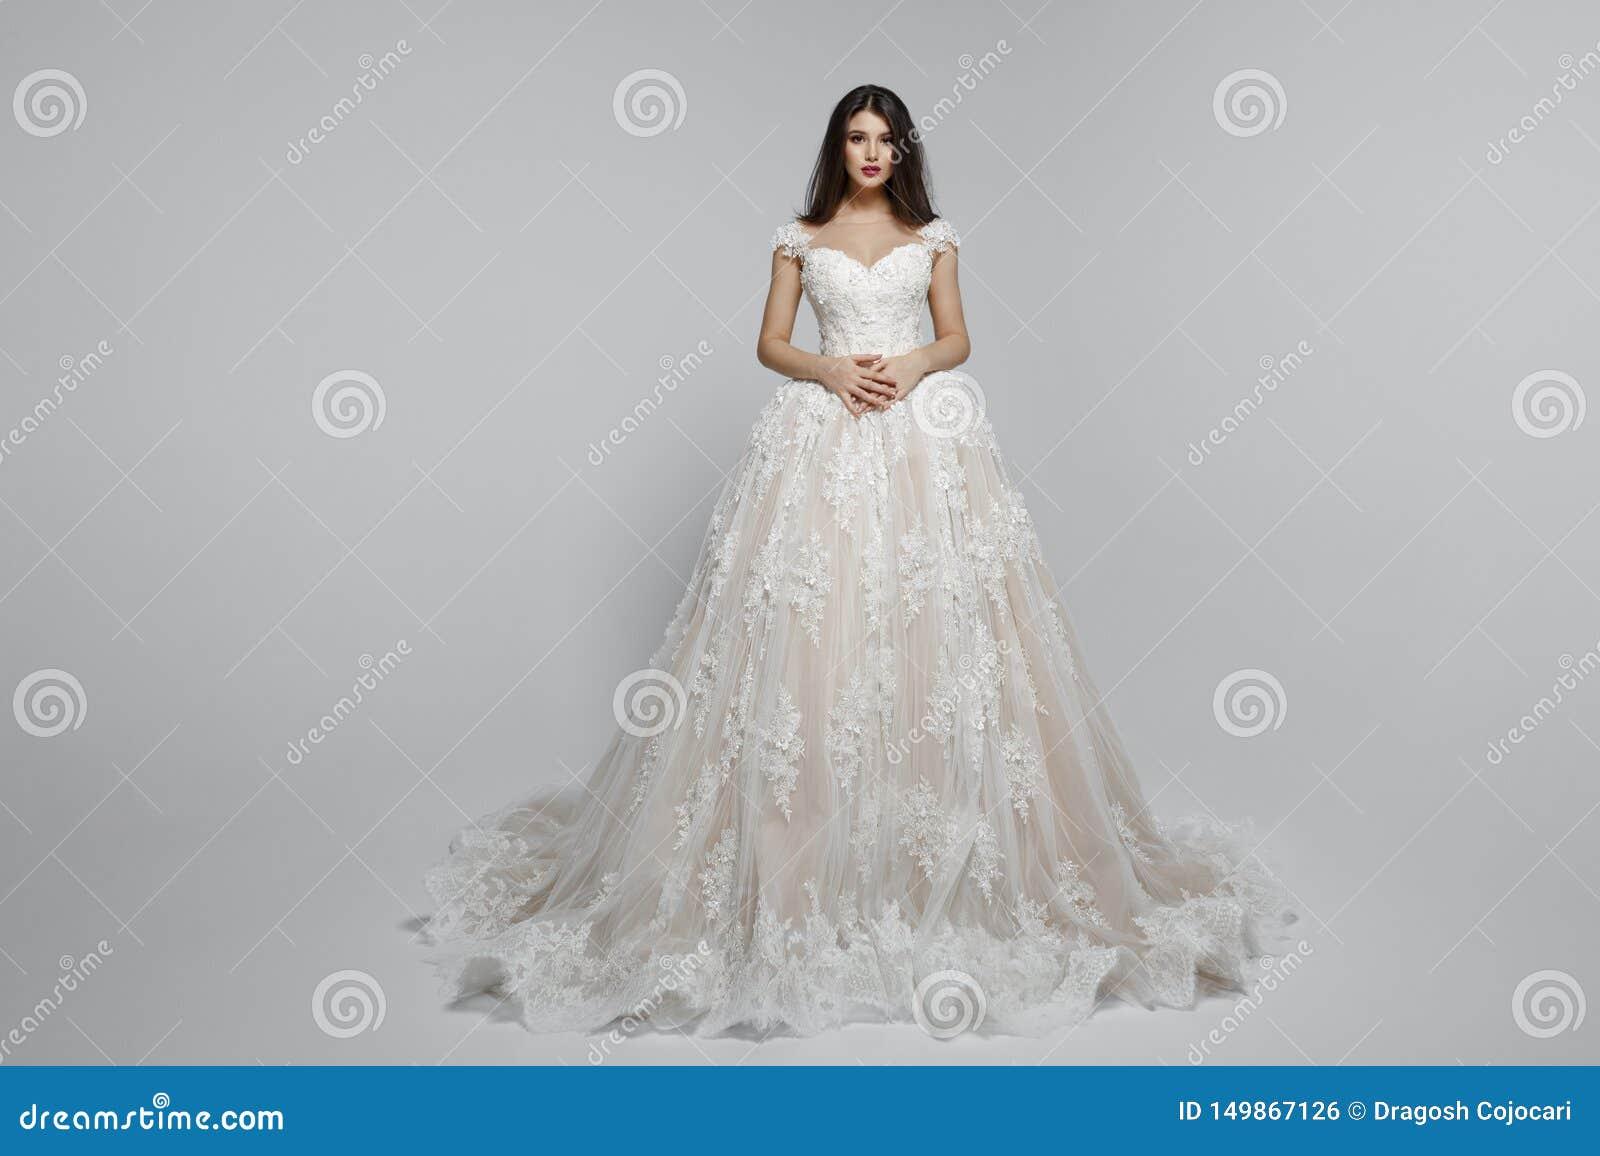 Прифронтовой взгляд изумительной женской модели в платье длинной принцессы wendding, изолированный на белой предпосылке